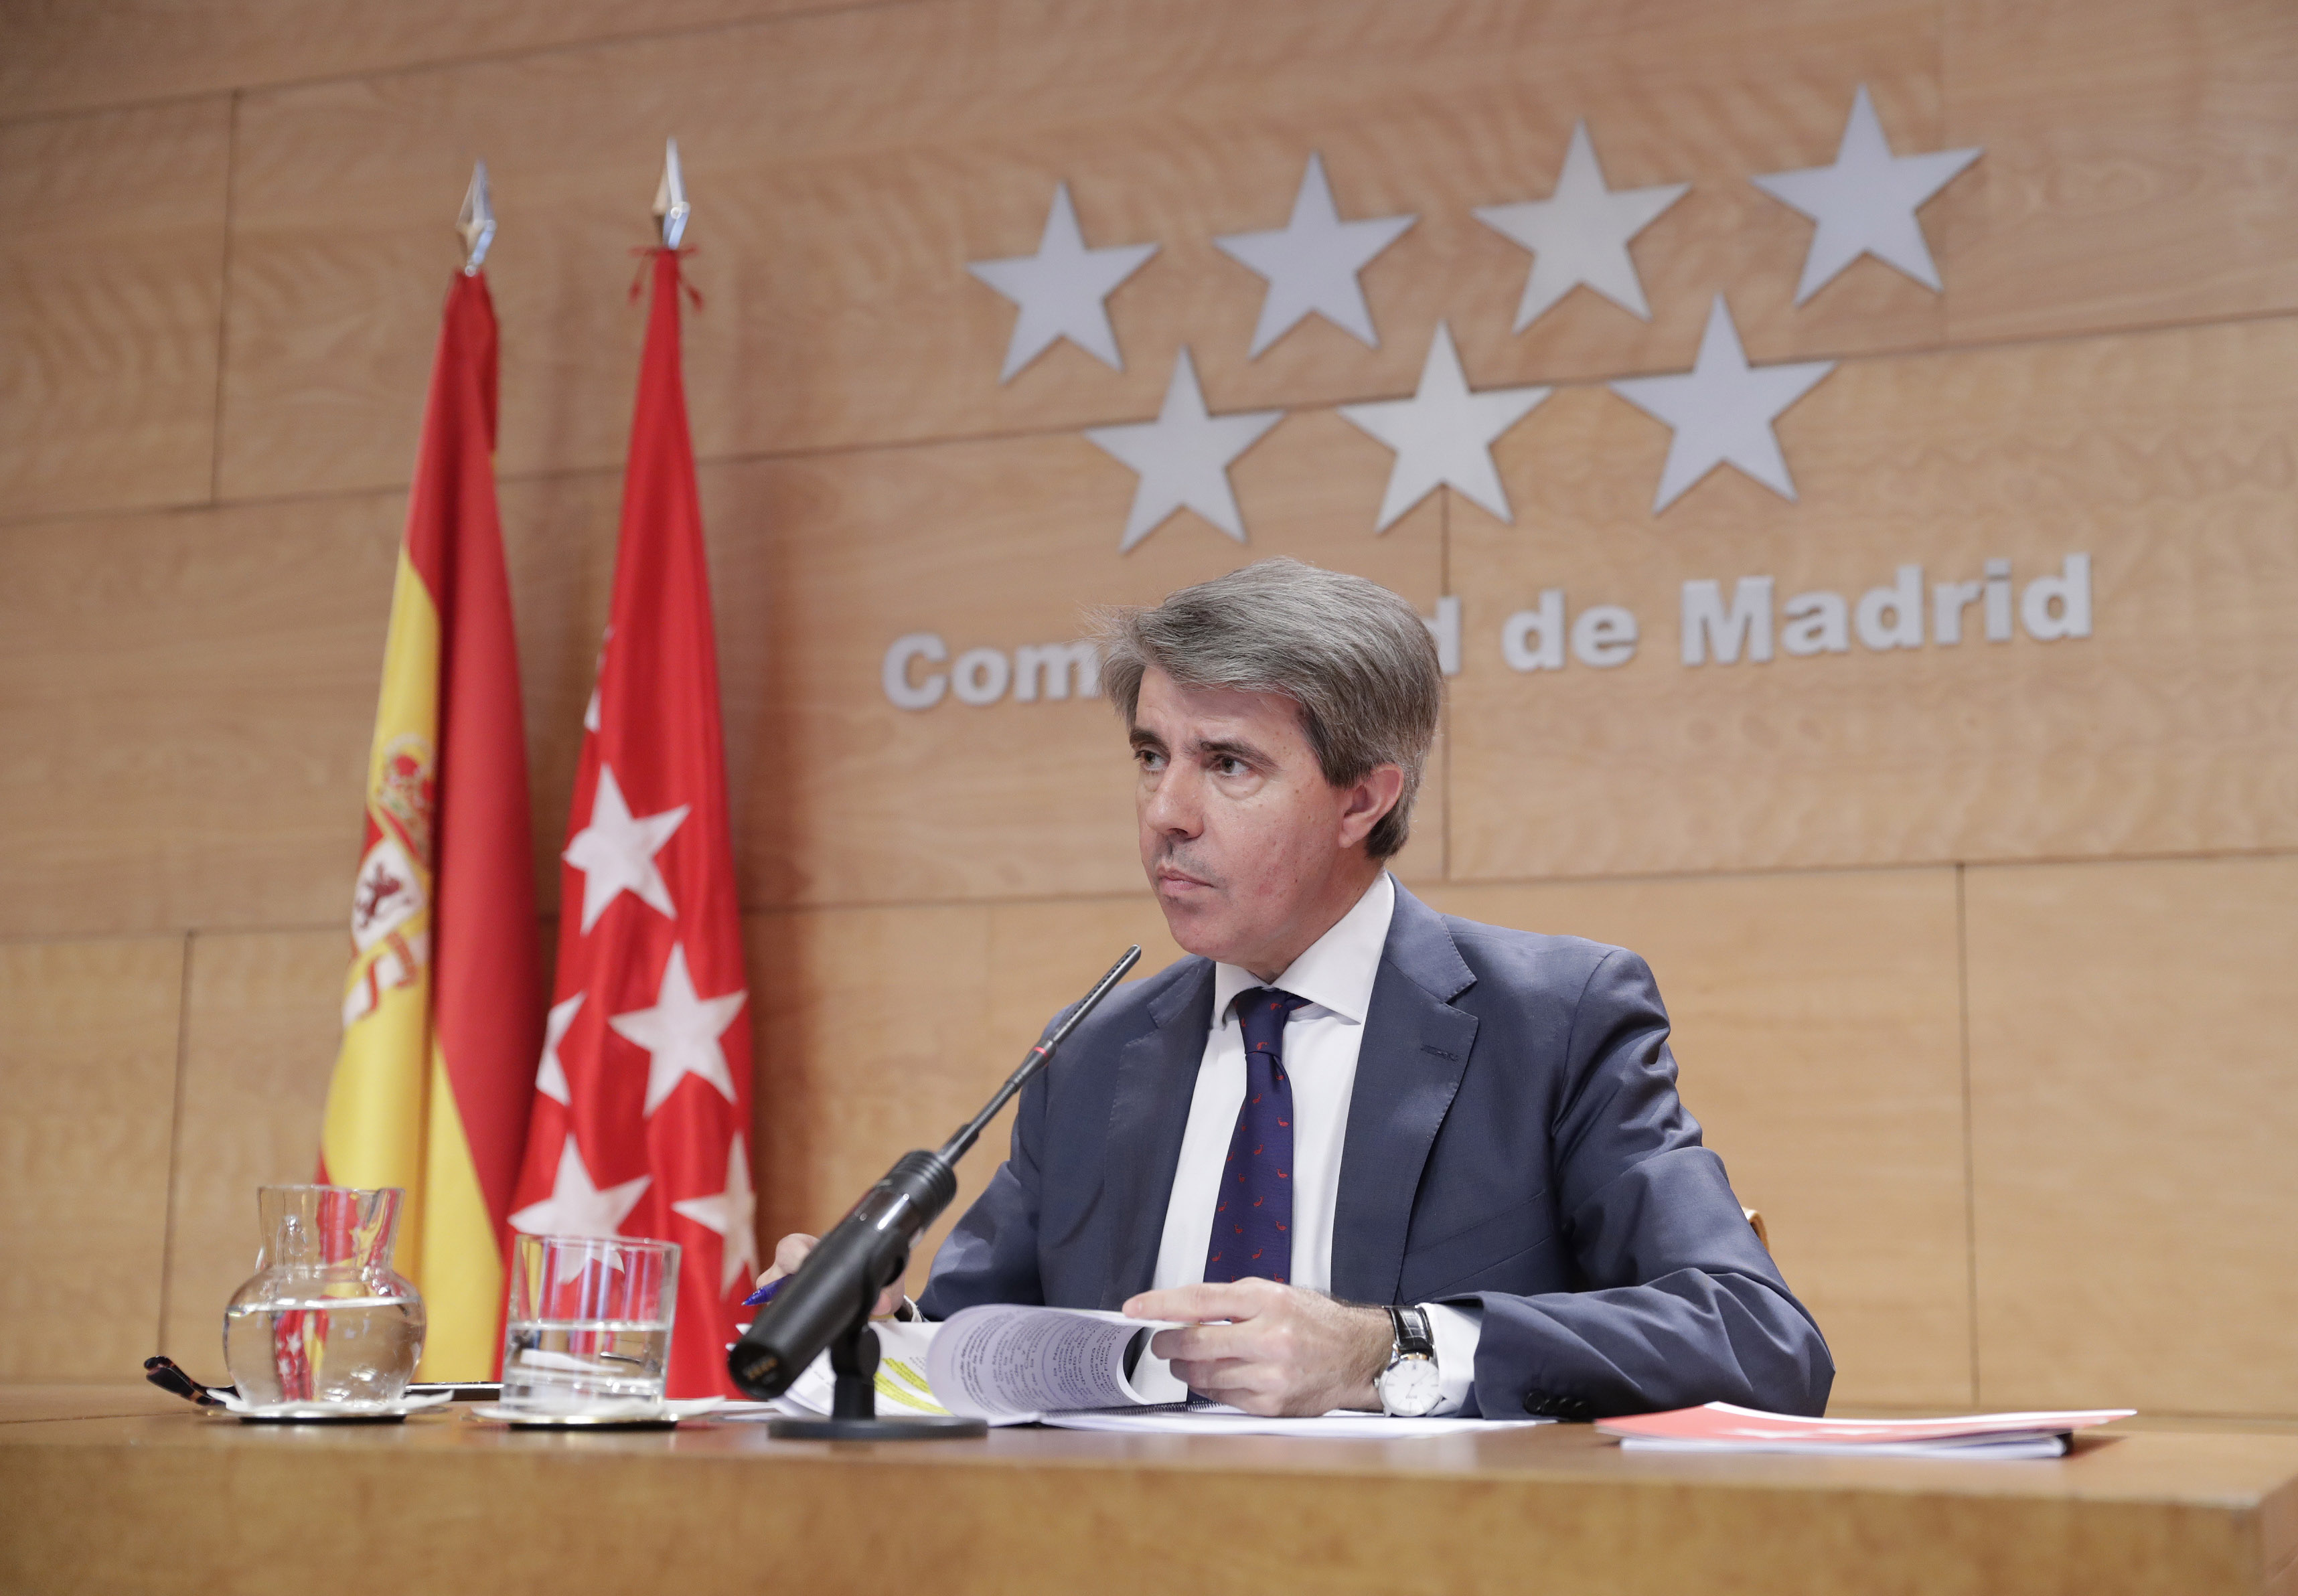 La Comunidad de Madrid extenderá el bilingüismo a 21 nuevos colegios e institutos públicos el próximo curso